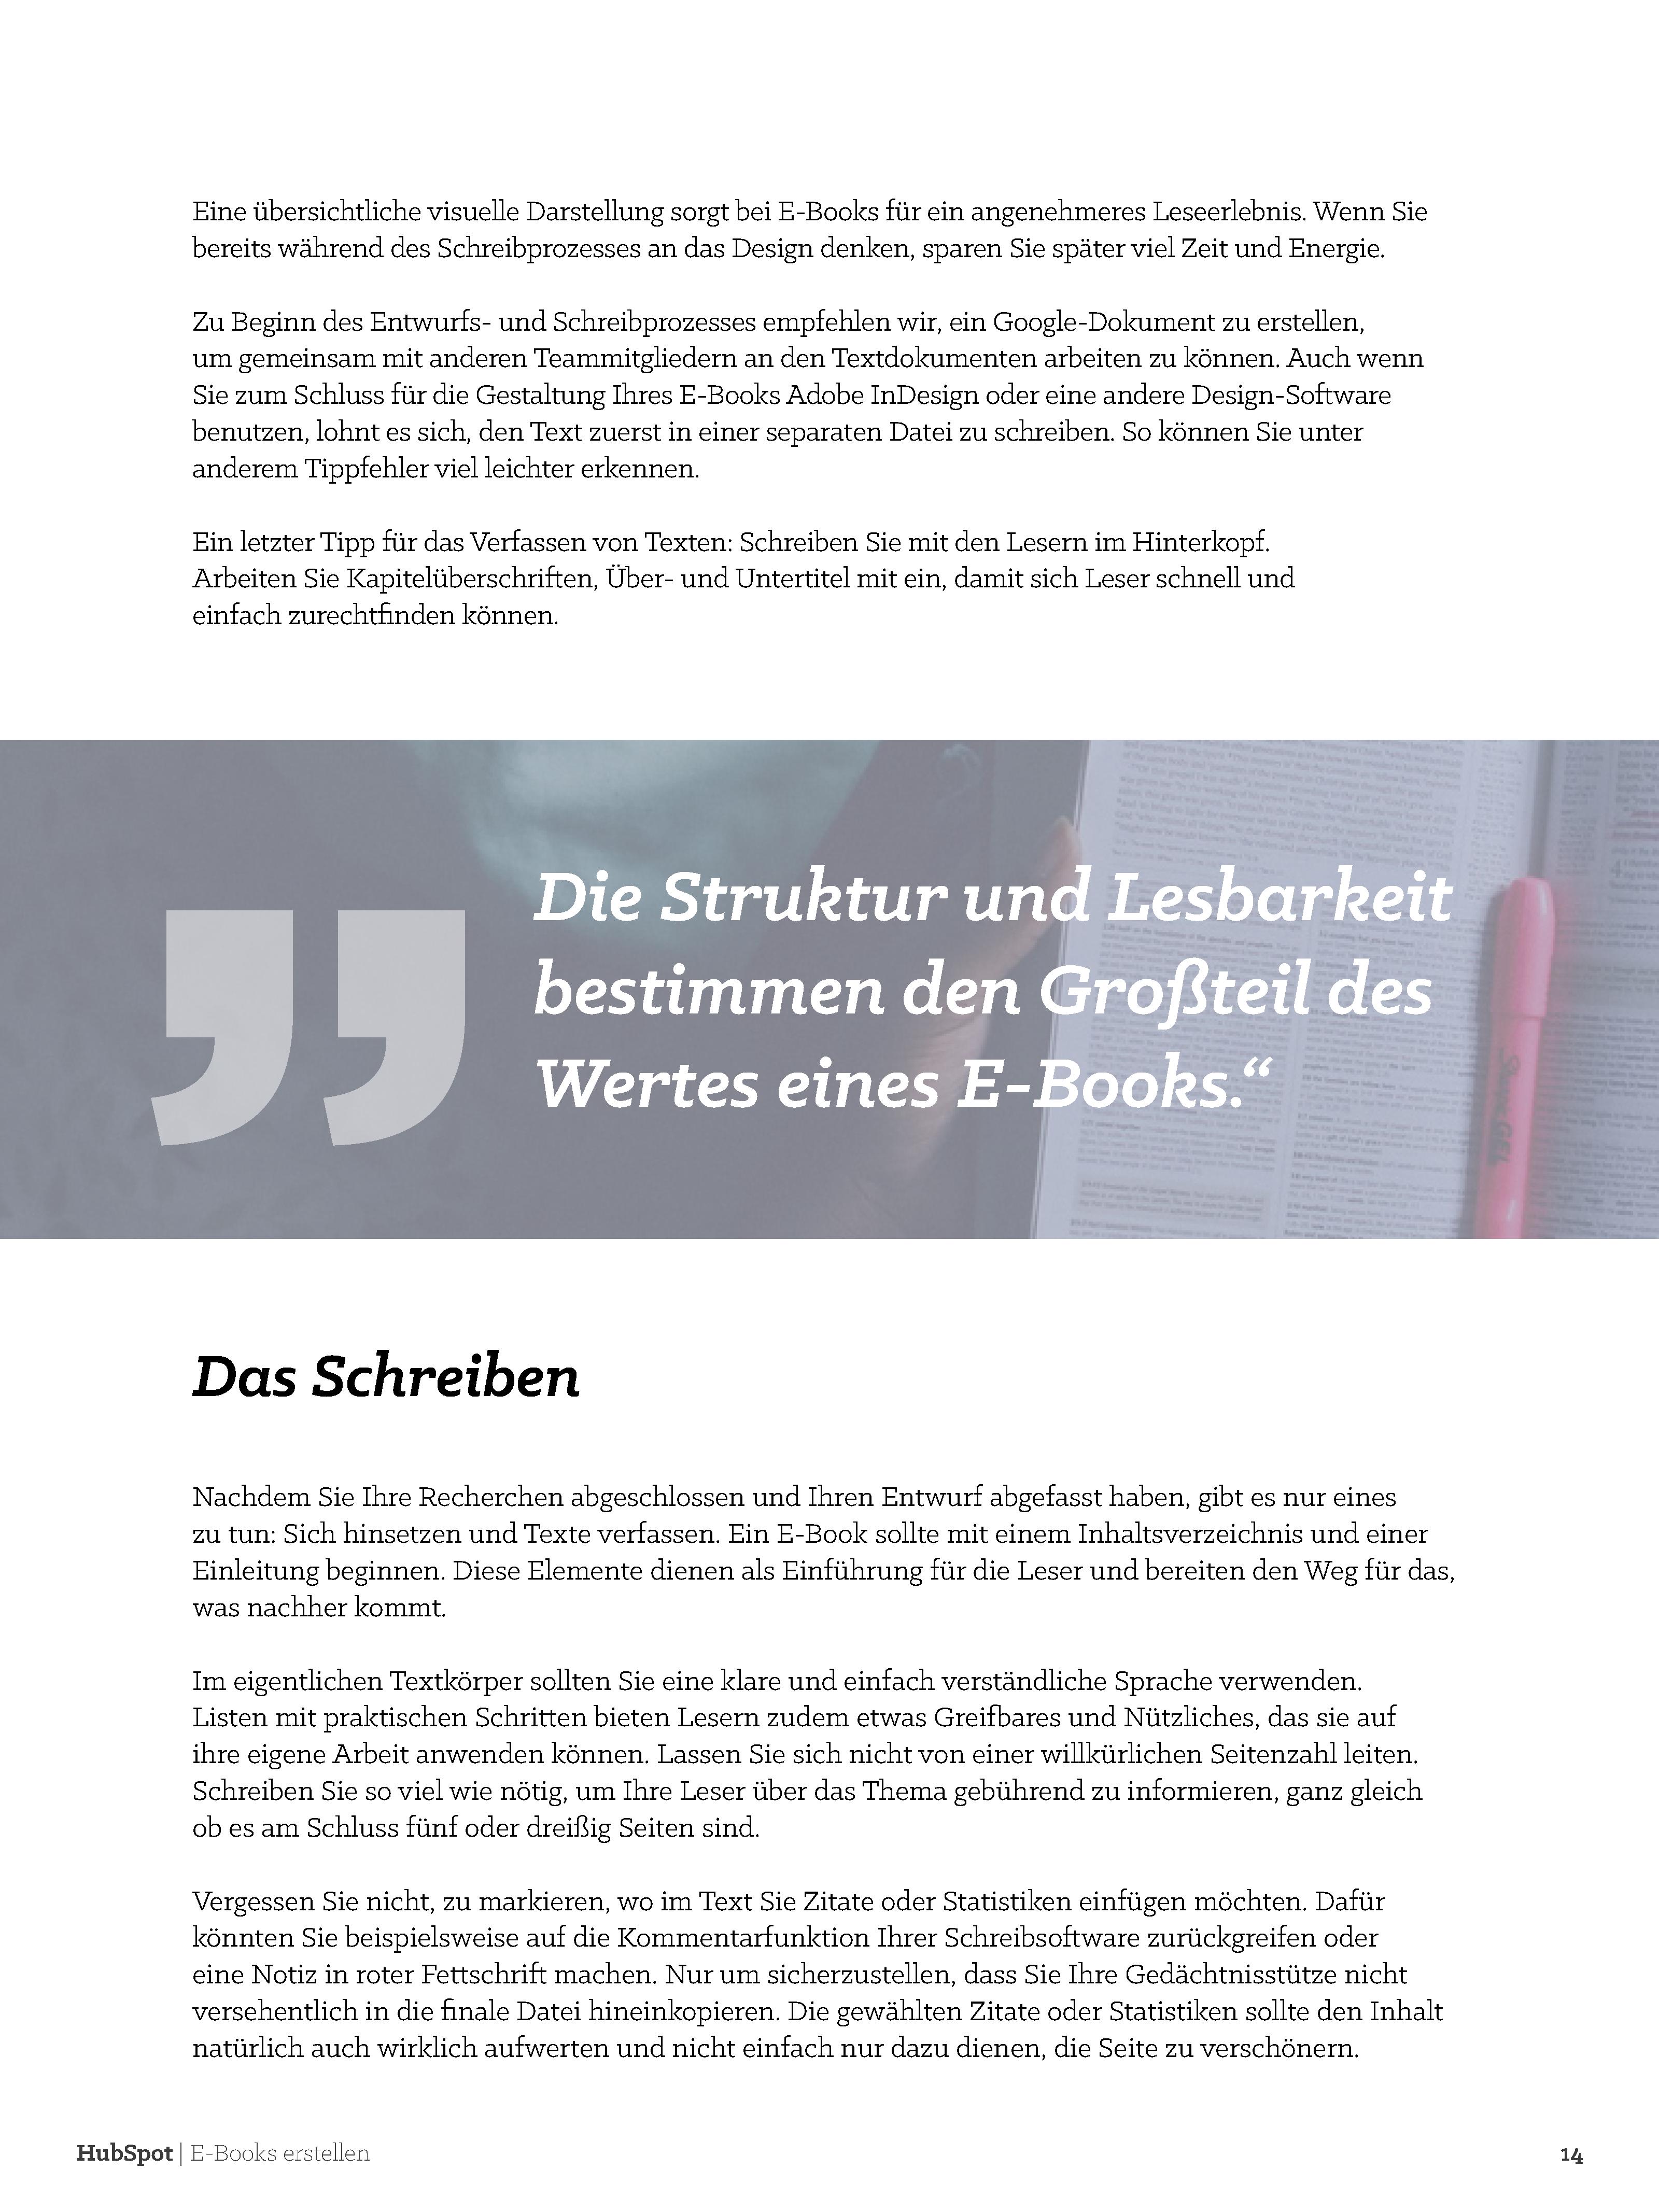 HubSpot-So-erstellen-Sie-E-Books-Vorschau-4